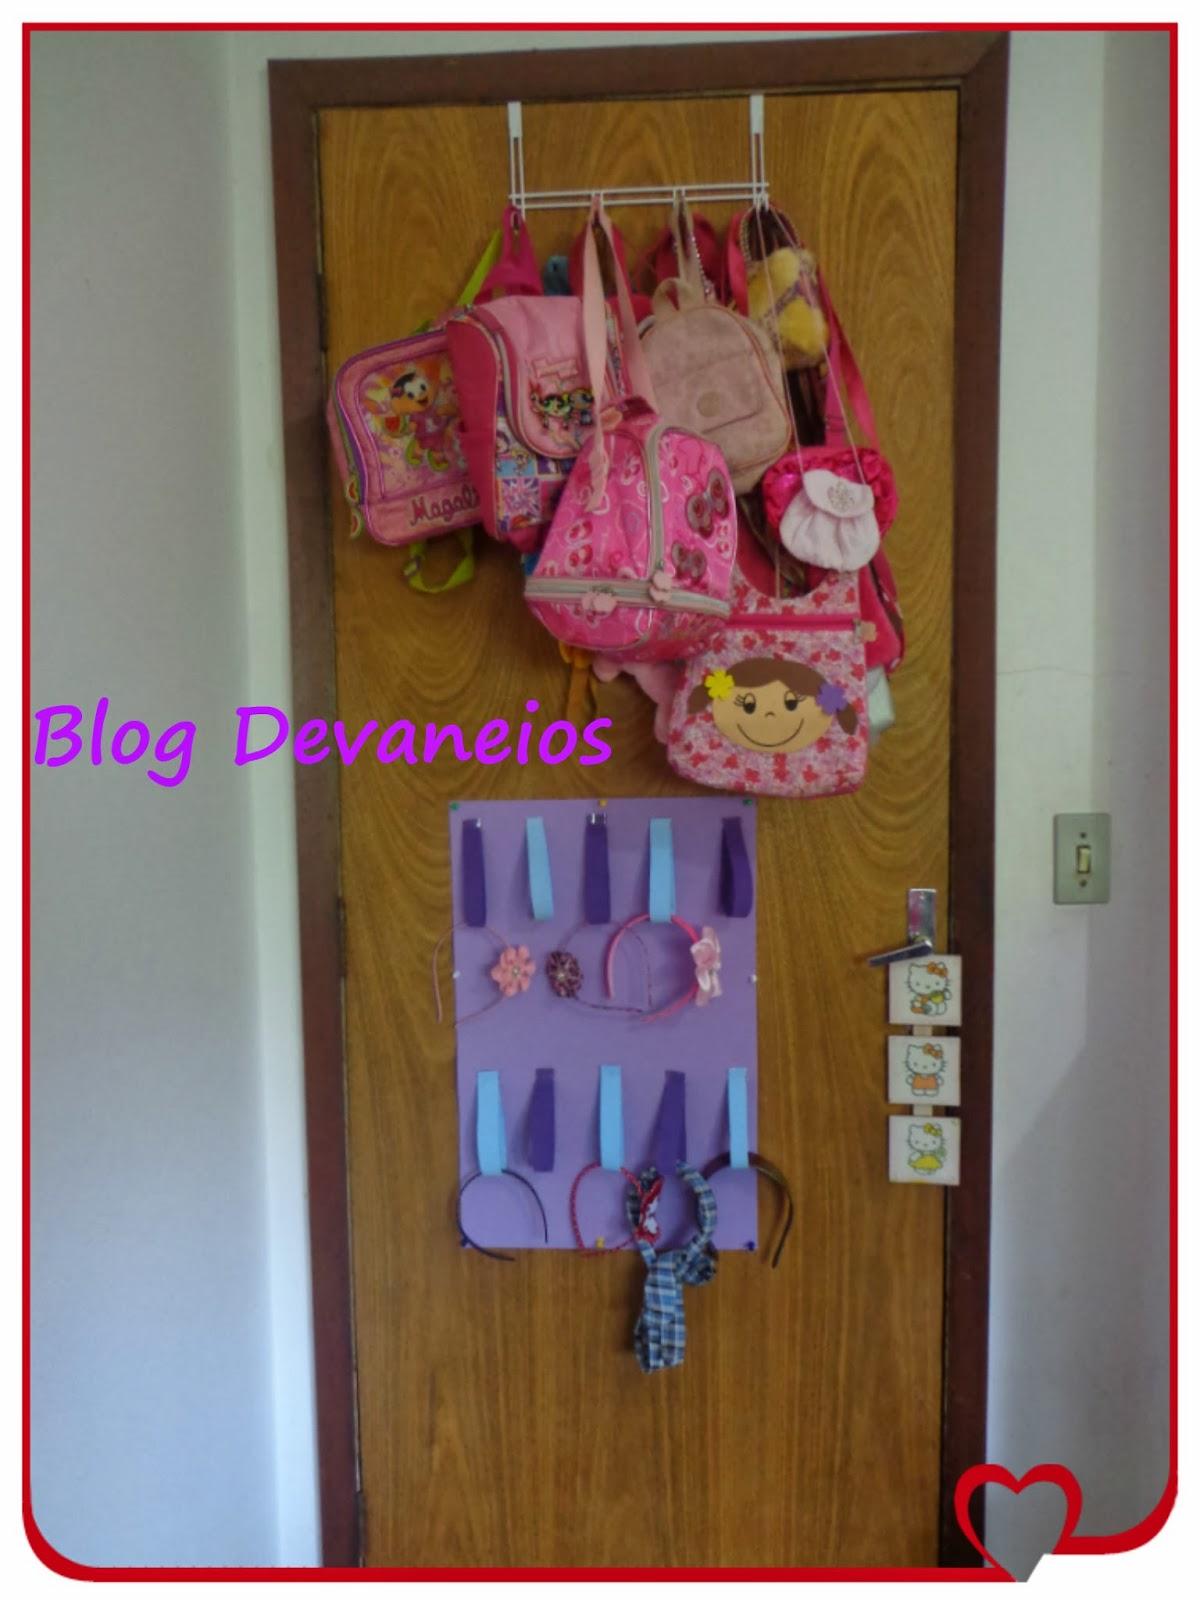 Blog Devaneios, diário das princesas